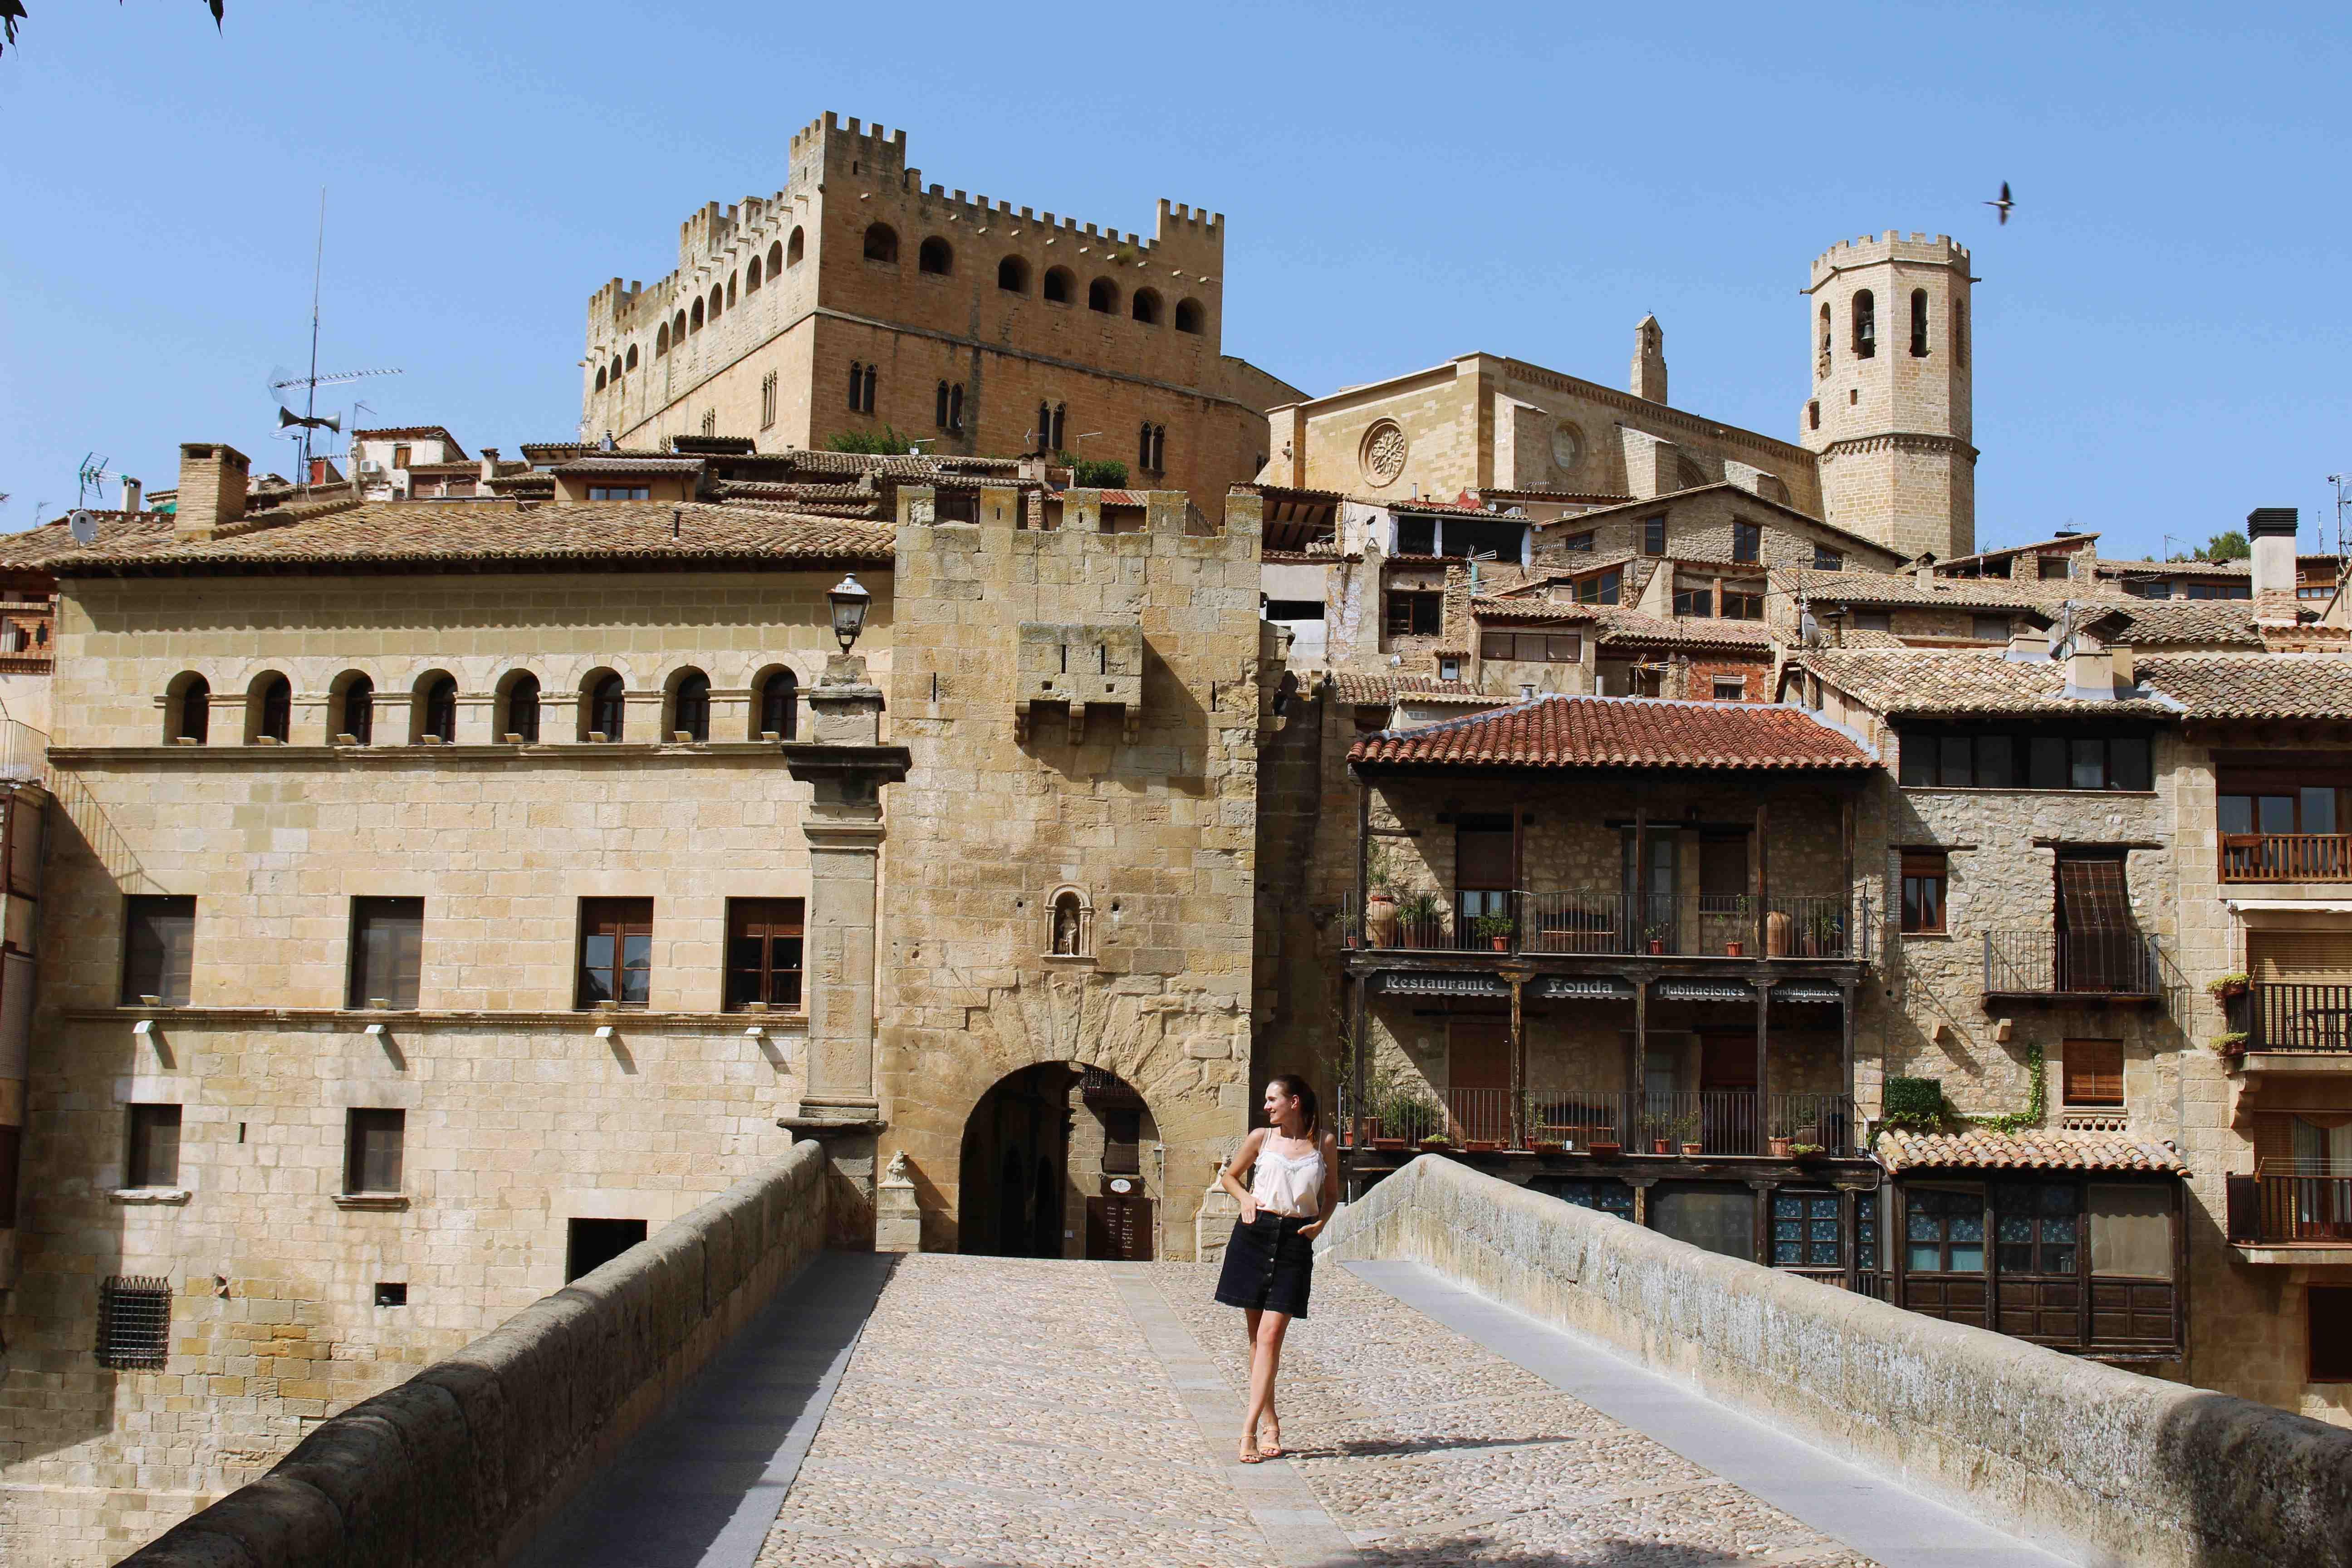 Puente de Piedra and Gate of San Roque in Valderrobres, Teruel, Spain